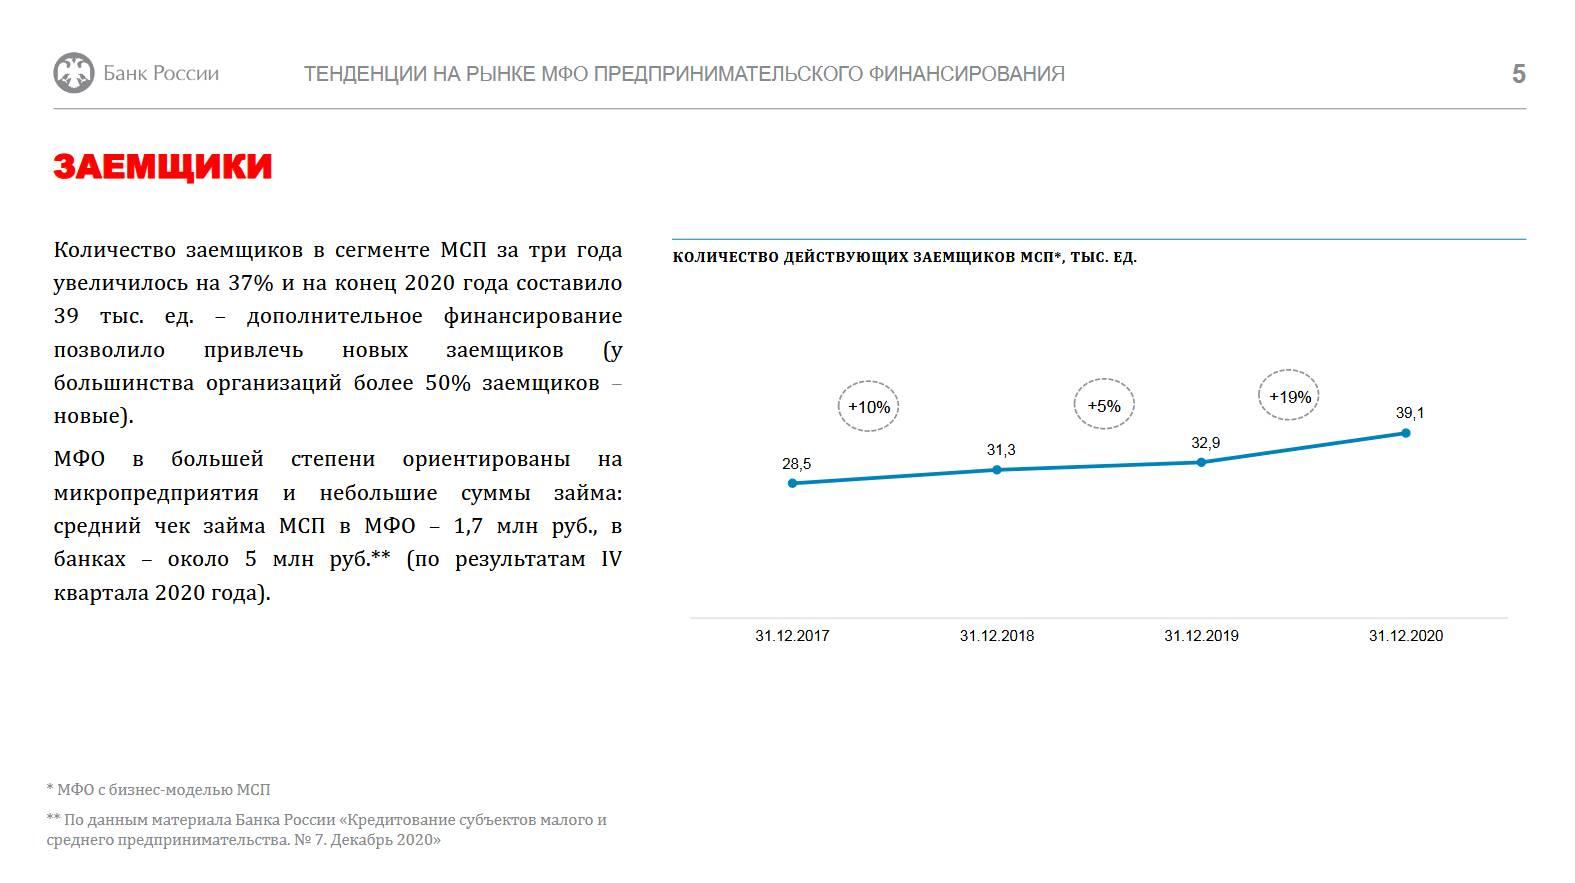 Ограничения не повлияли на качество растущего портфеля микрозаймов МСБ